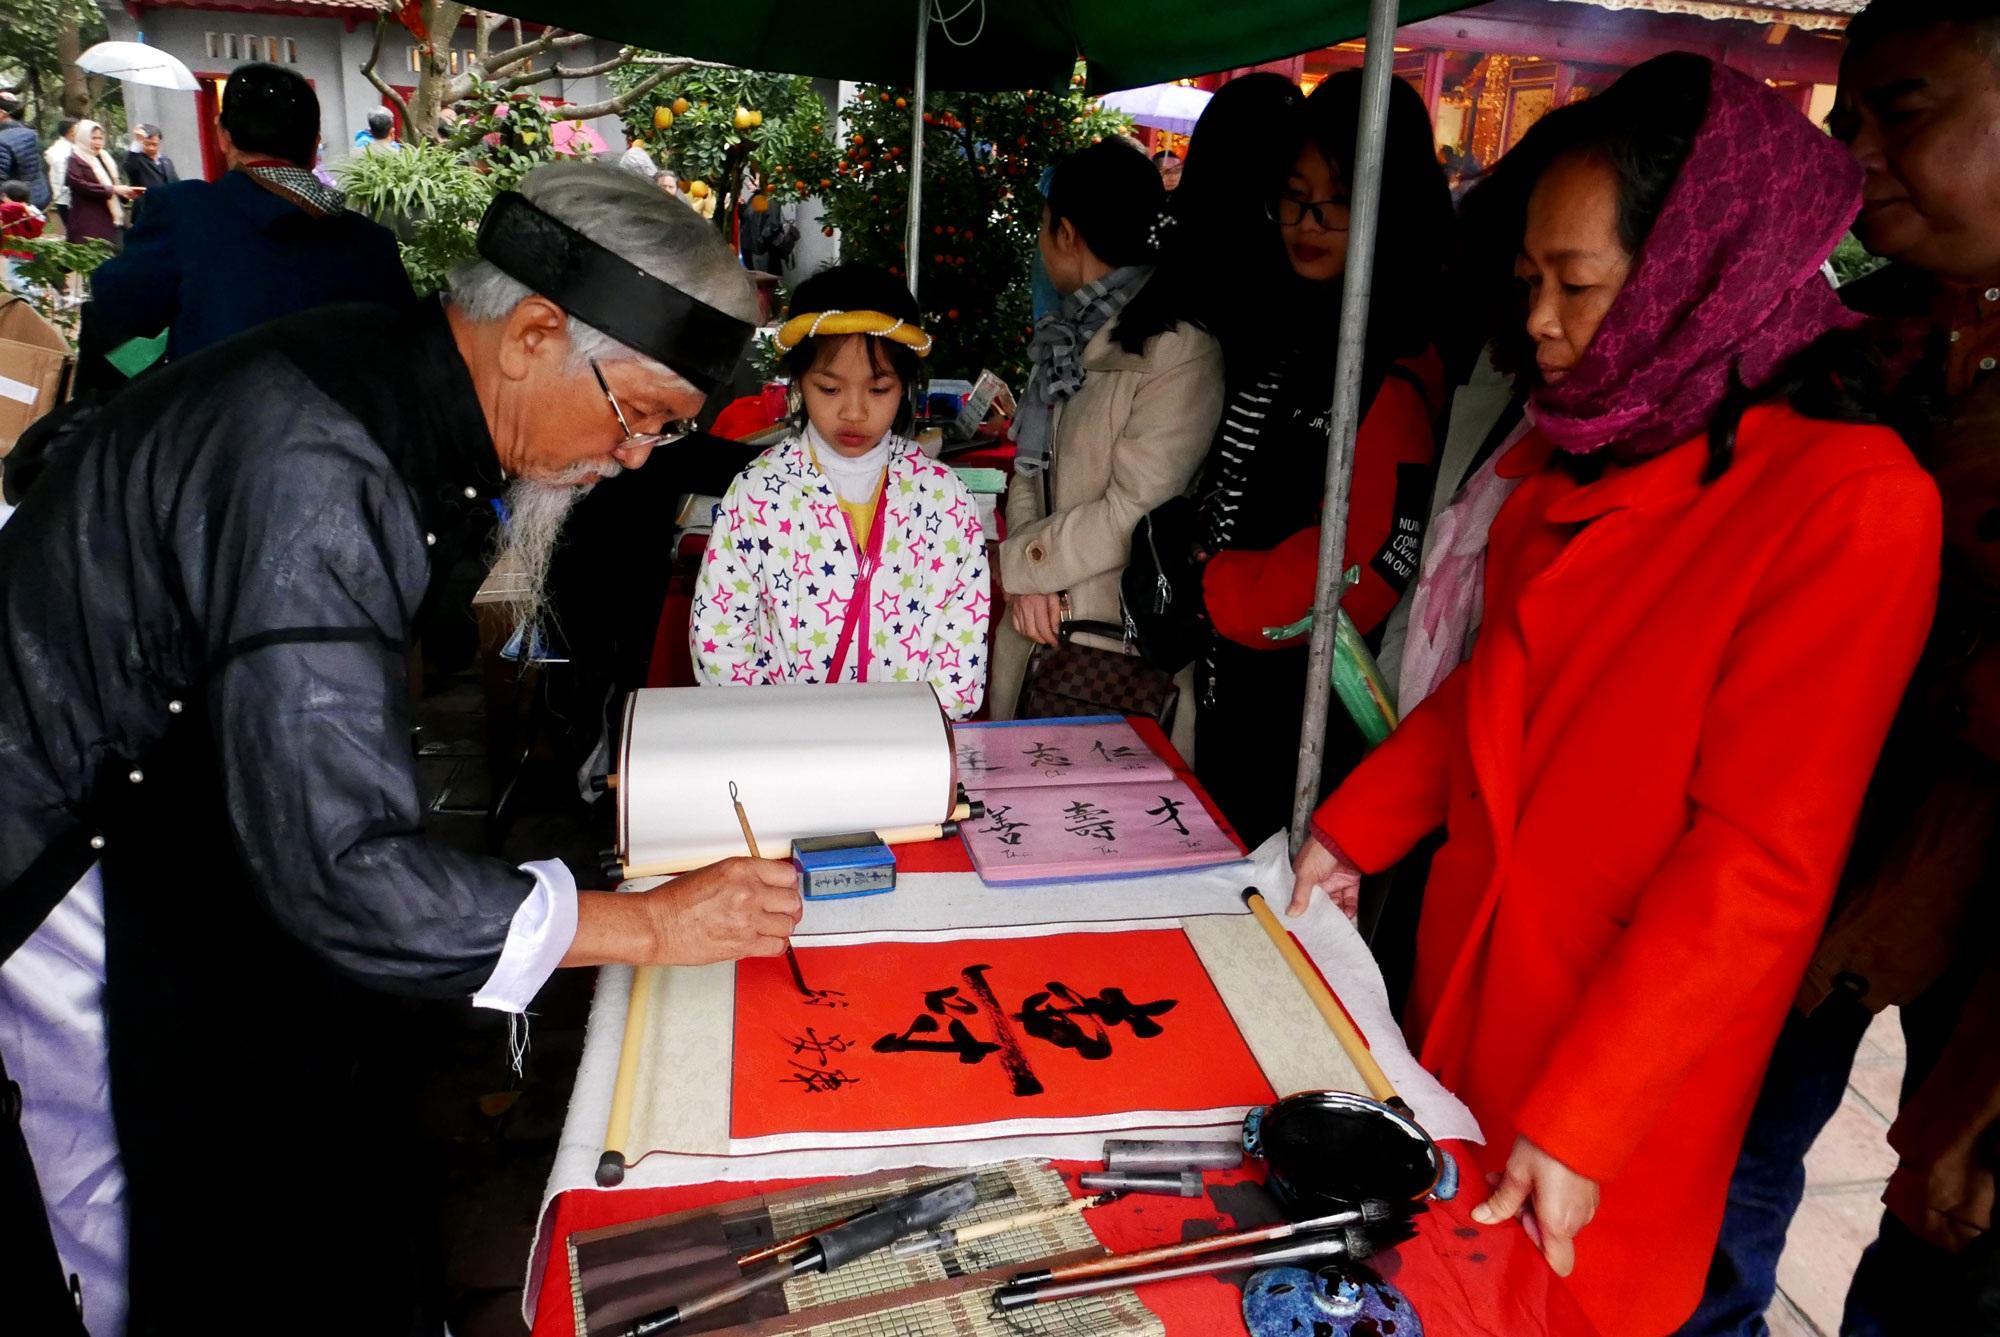 Cảnh lễ đền dưới mưa xuân tuyệt đẹp ở Hà Nội ngày mùng 1 Tết - 10